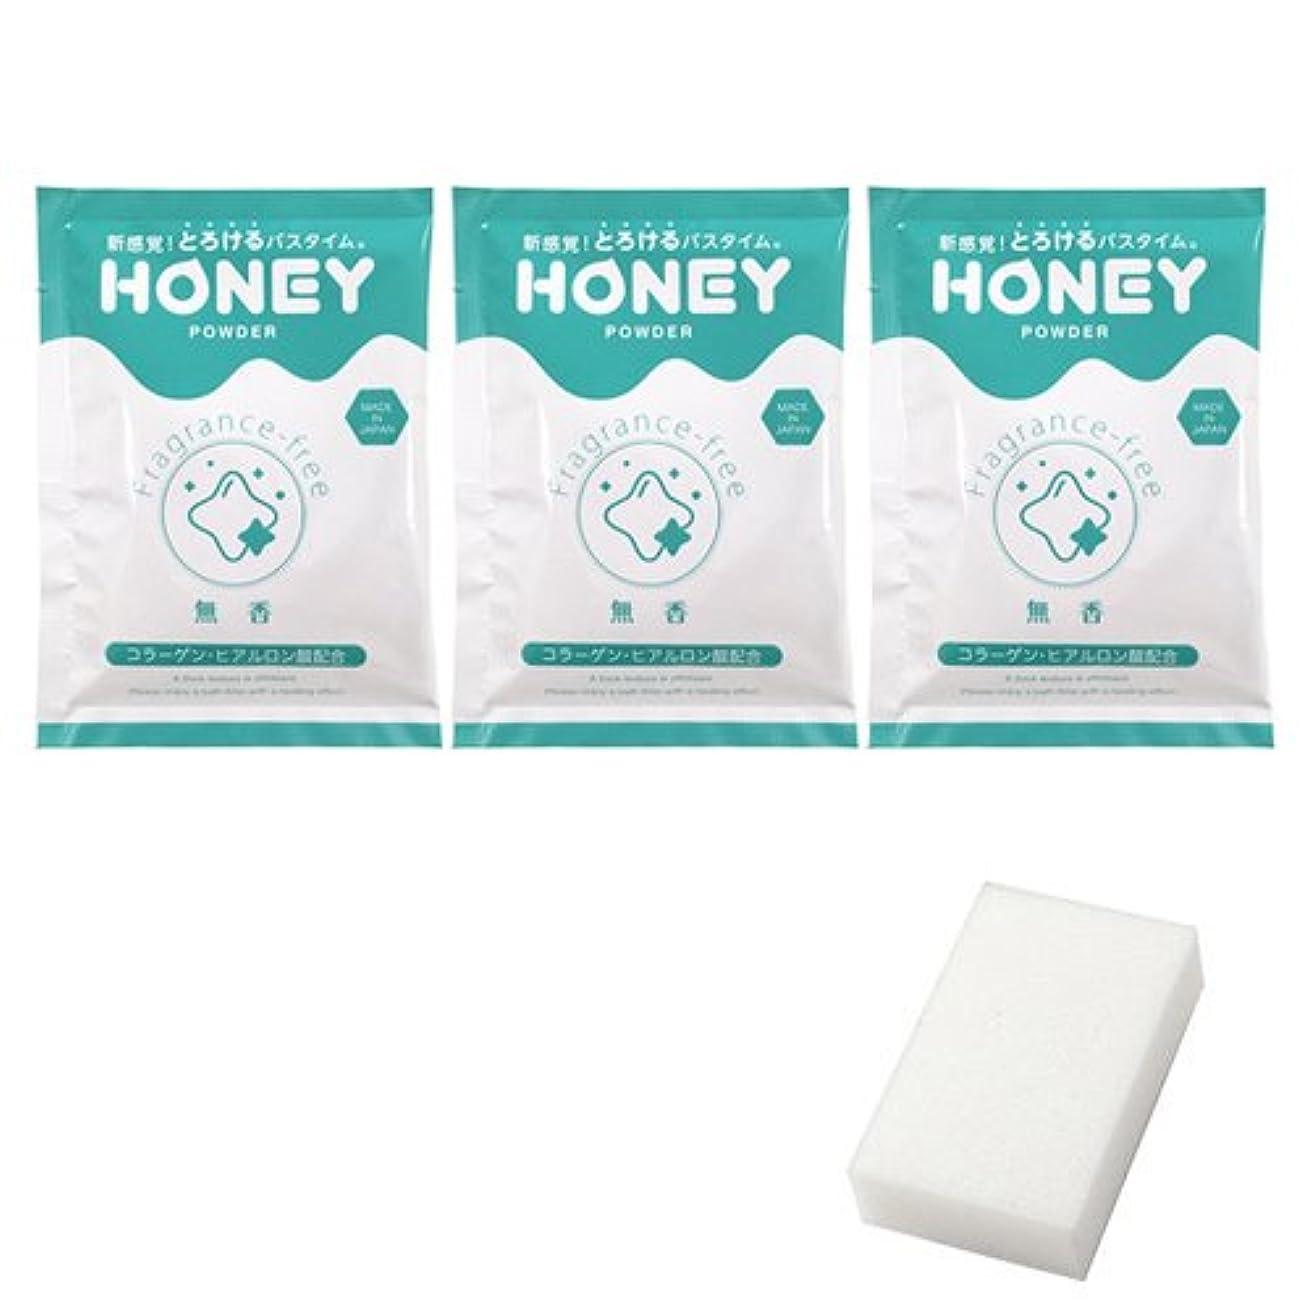 技術者固める解説とろとろ入浴剤【honey powder】(ハニーパウダー) 無香タイプ 3個セット + 圧縮スポンジセット